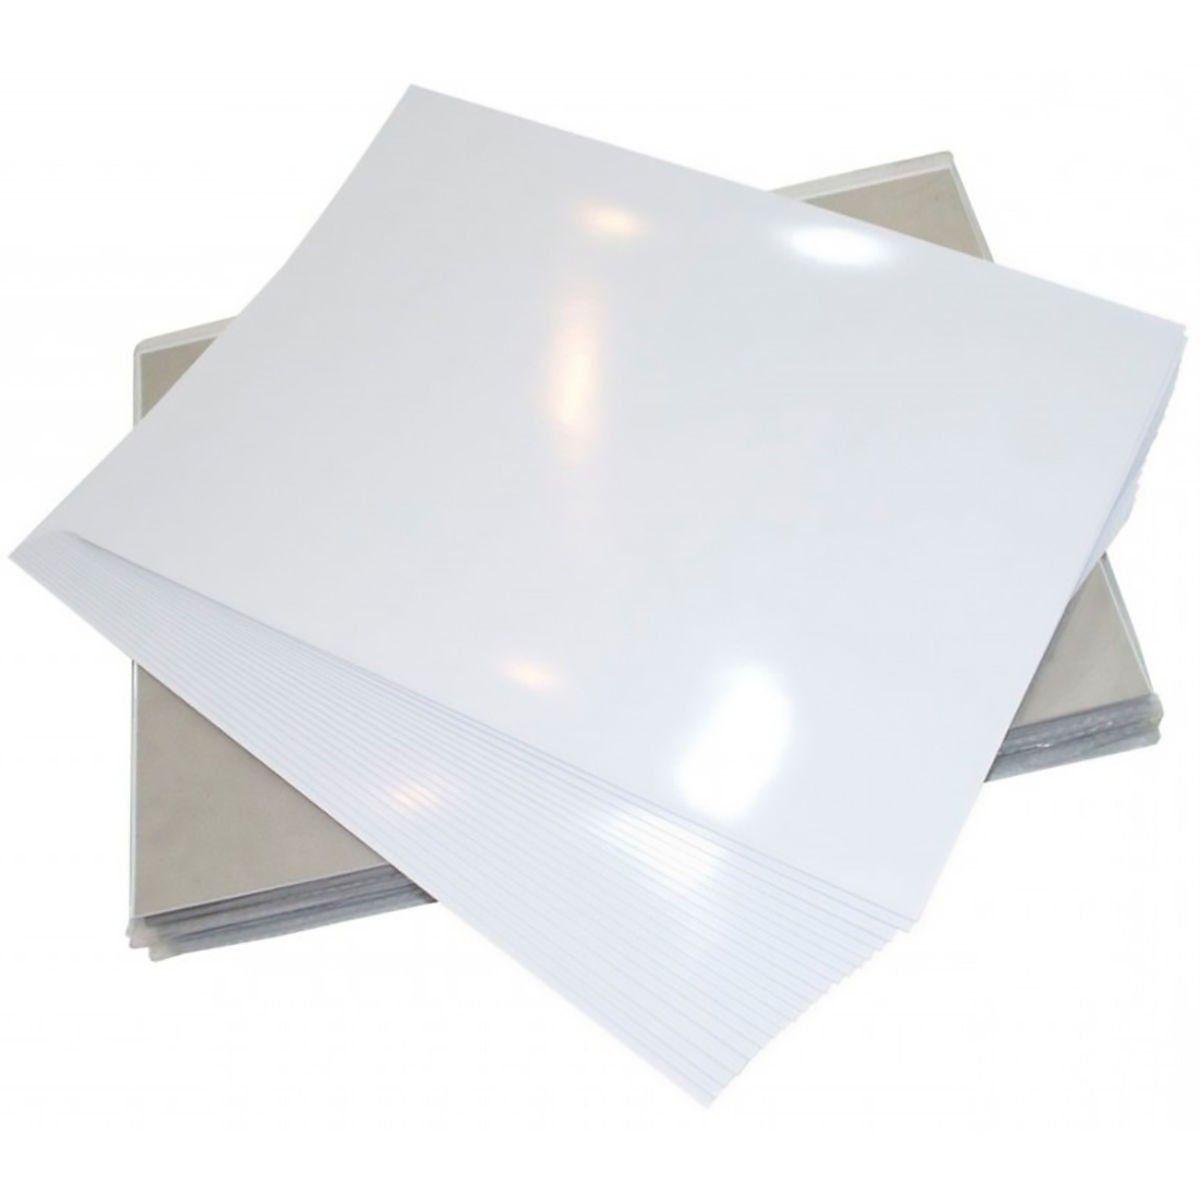 Papel Fotográfico Adesivo Glossy A4 130g Branco Brilhante Resistente à Água / 500 folhas